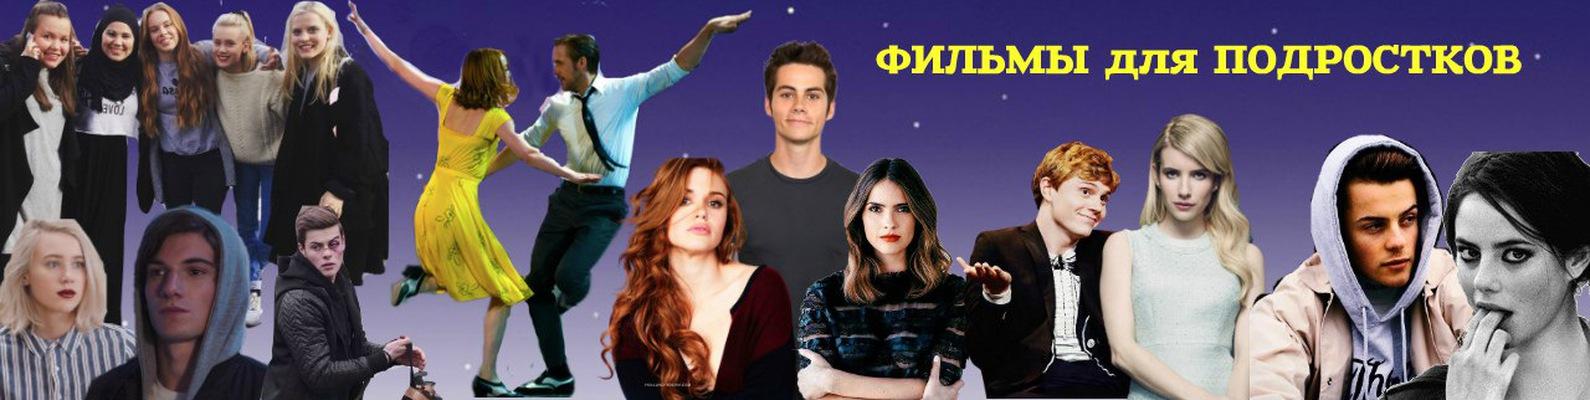 Фильмы для и про подростков  школу и любовь  VK